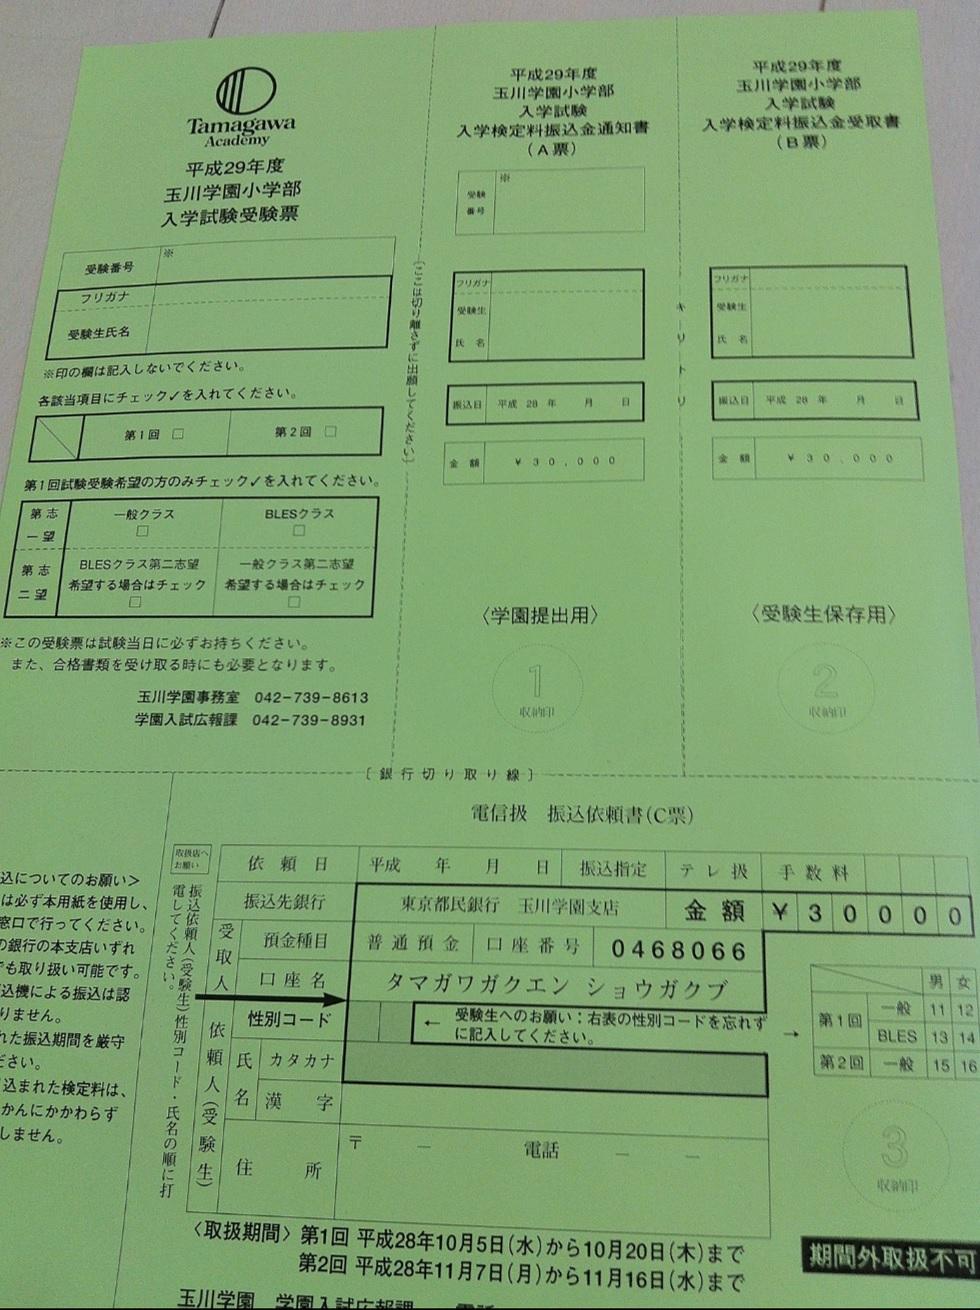 玉川学園小学校の入学試験受験票画像キャプチャ